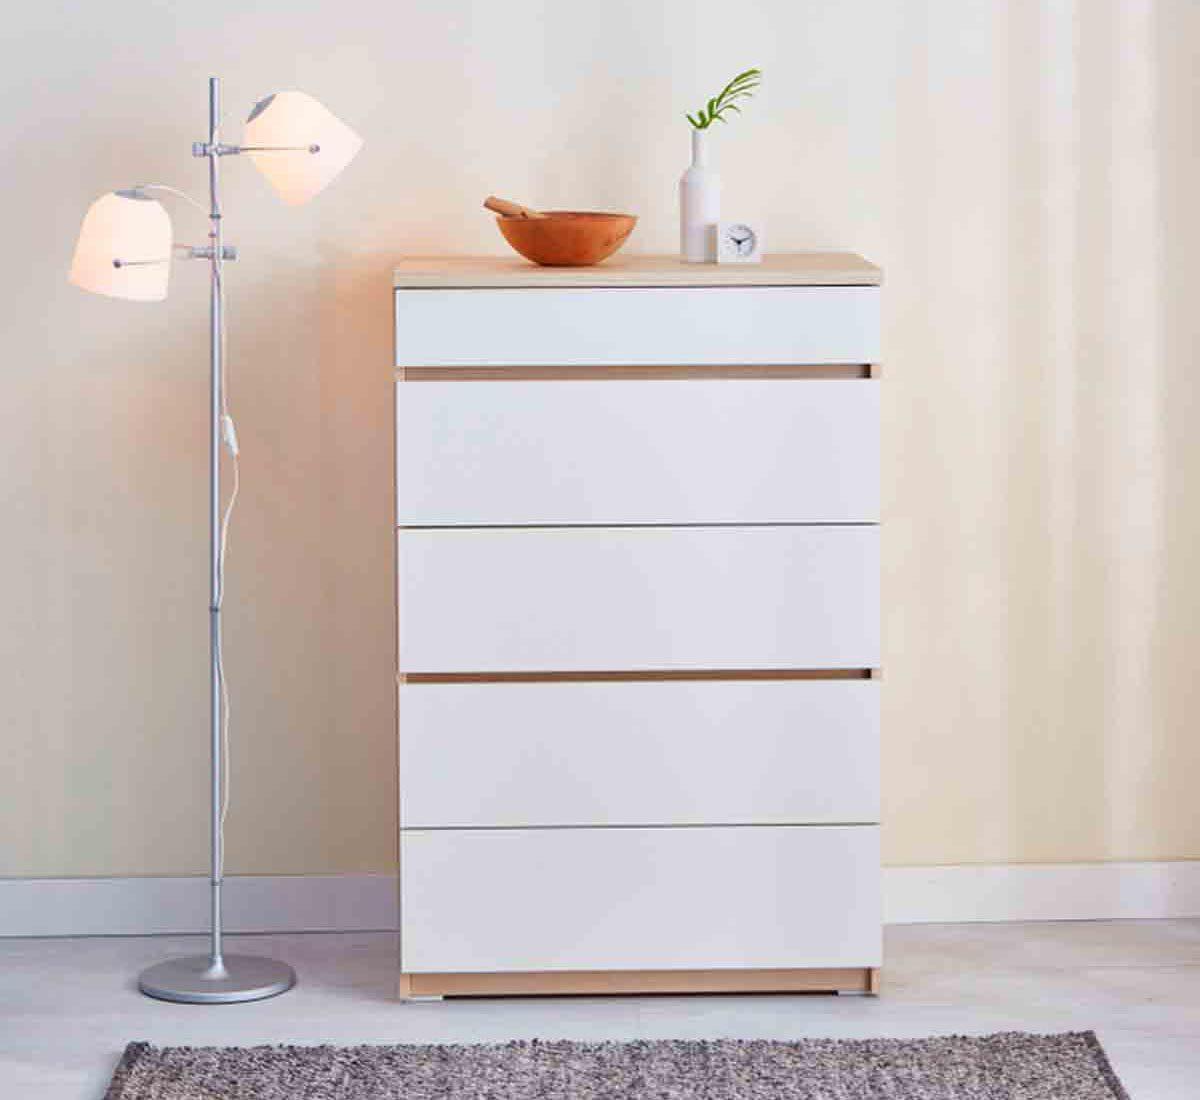 Aménagement intérieur : n'accumulez pas trop de mobilier.